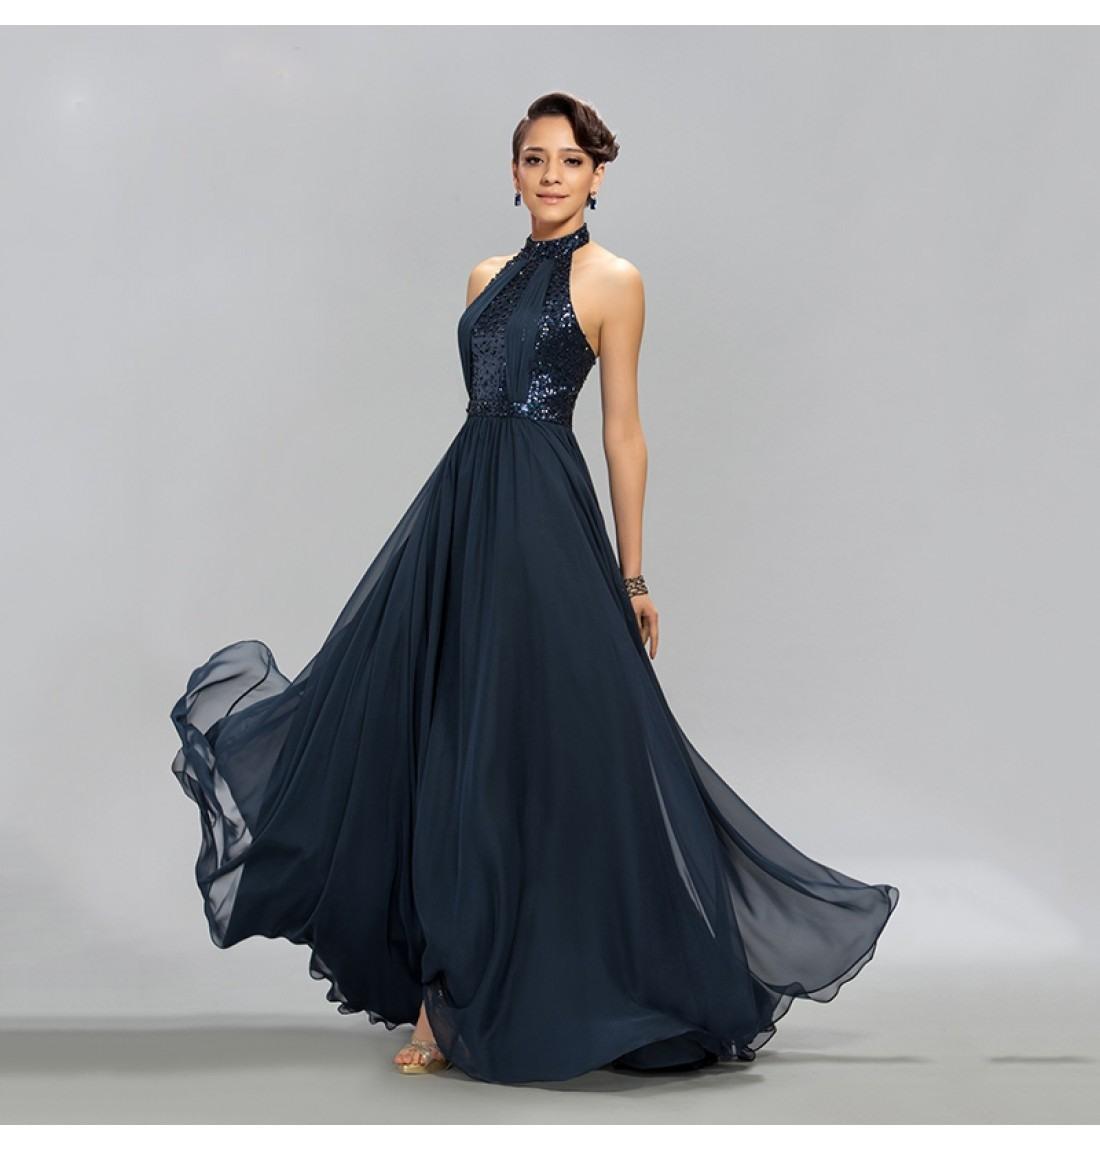 Abend Cool Abendkleider Lang Und Günstig StylishAbend Genial Abendkleider Lang Und Günstig Vertrieb